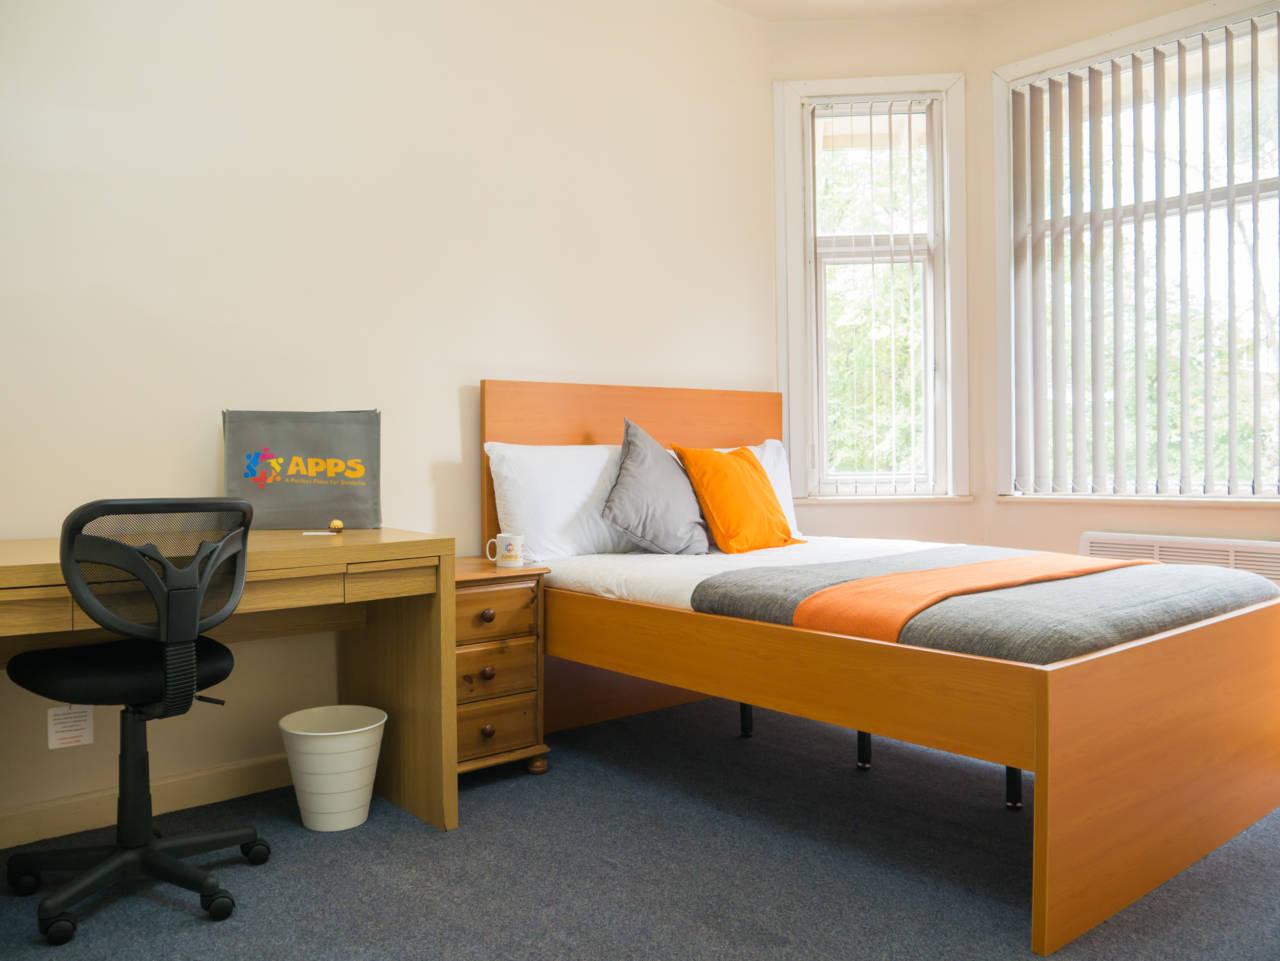 Alojamiento de estudiantes falcon house coventry for Alojamiento para estudiantes